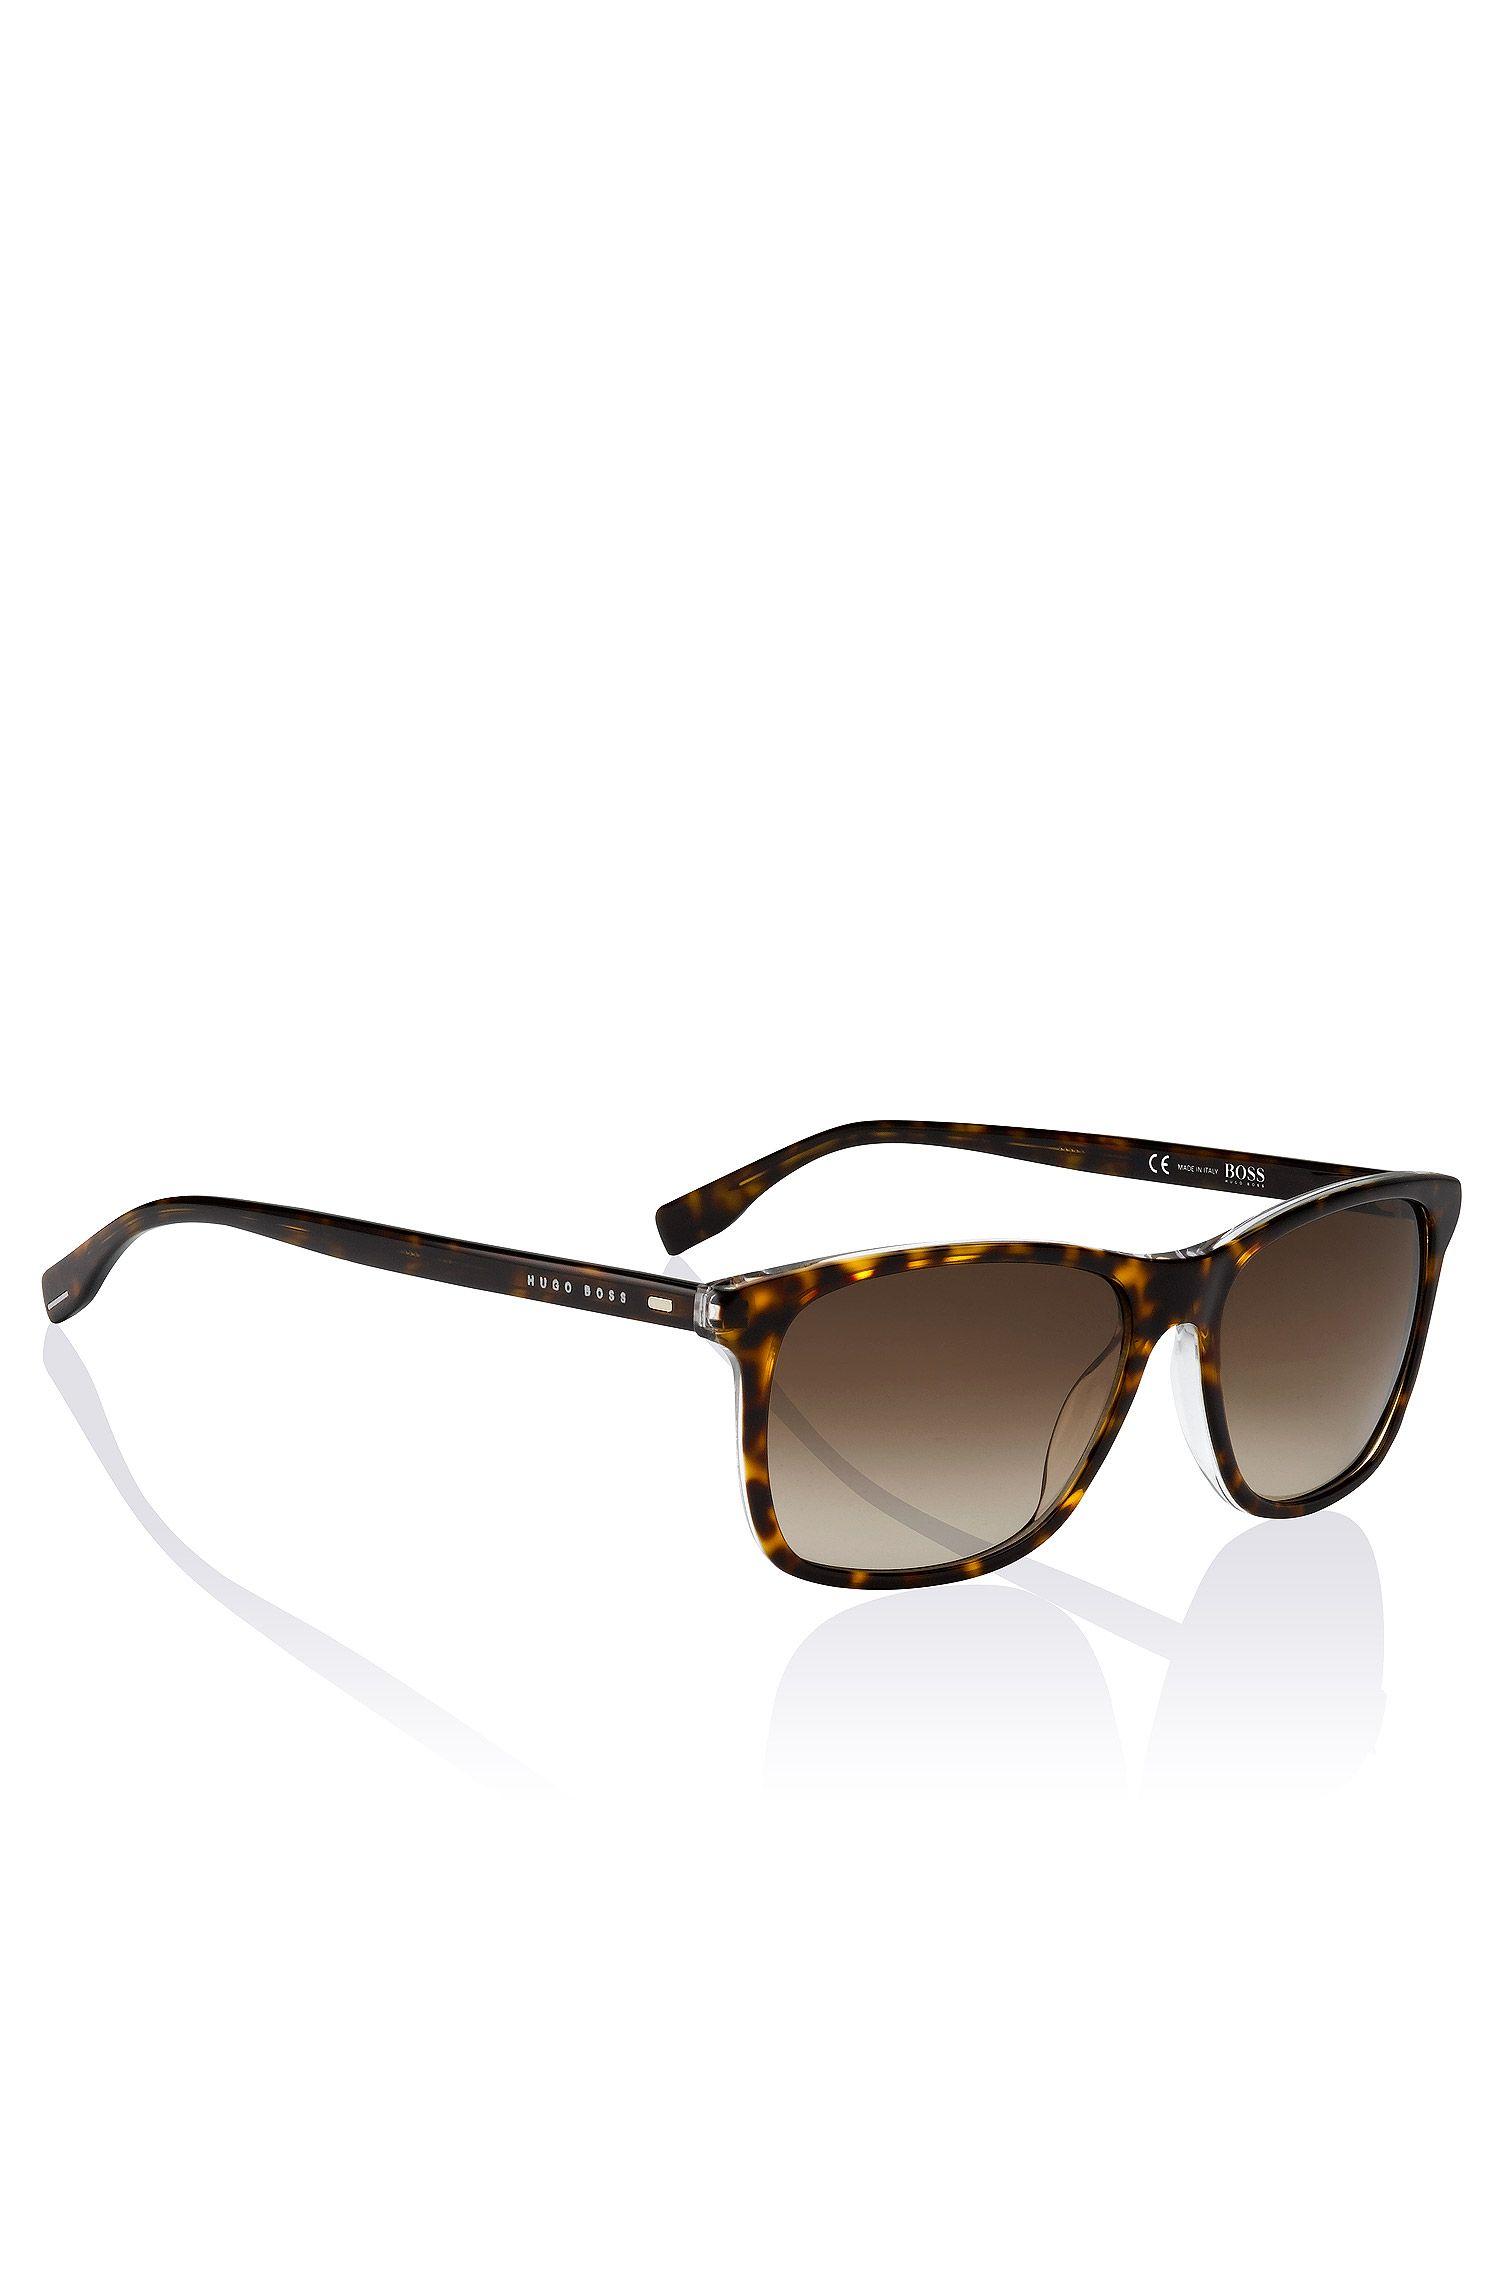 Sonnenbrille ´BOSS 0634/S` aus Acetat